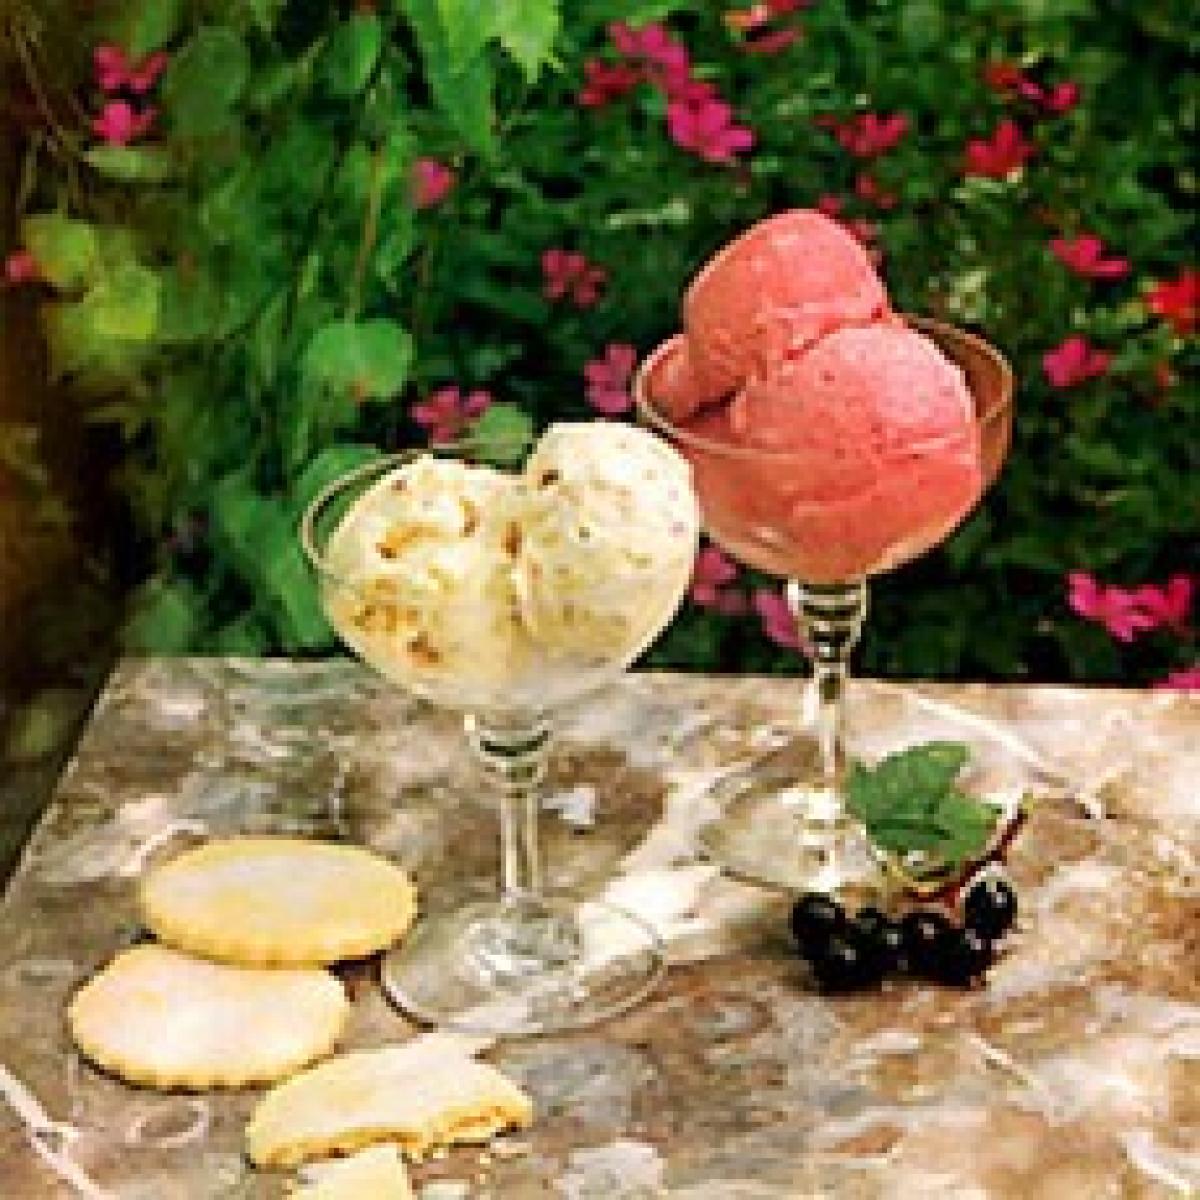 A picture of Delia's Blackcurrant Ice Cream recipe